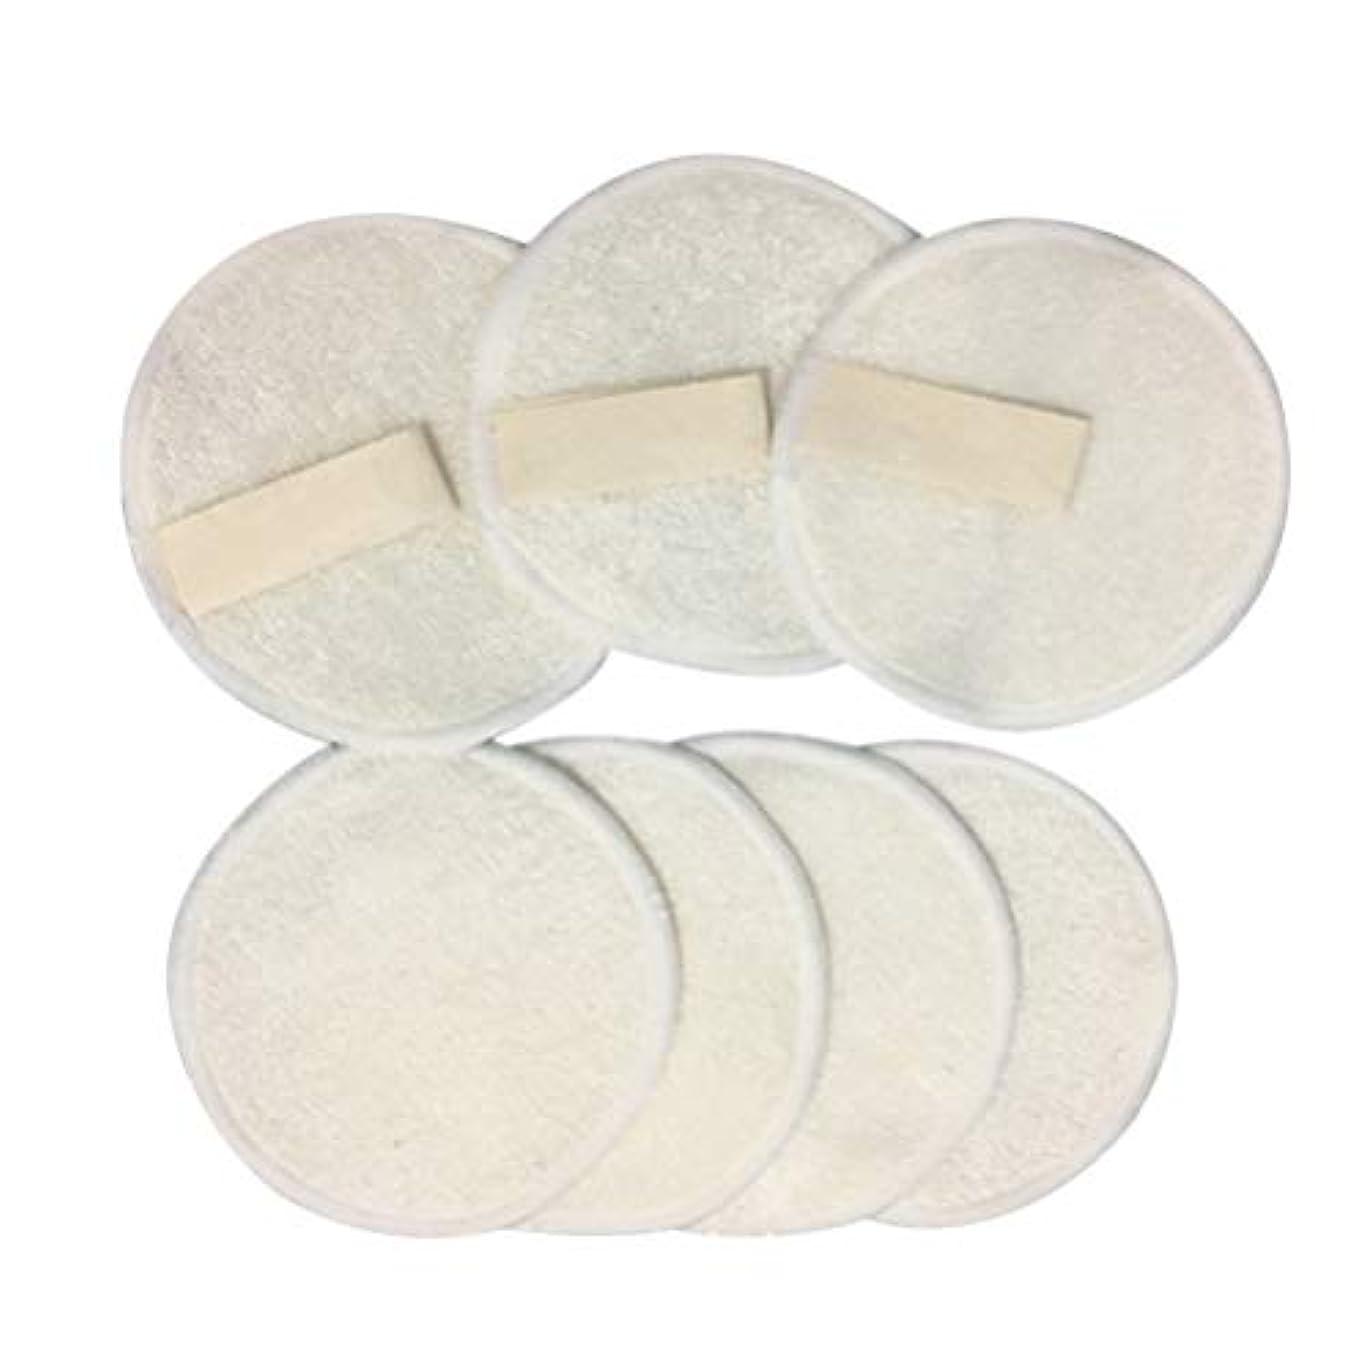 ロール再発する朝SUPVOX 竹コットンパッド 天然コットン 化粧リムーバーパッド 再利用可能 化粧落としパッド メイク落とし 10枚セット 洗い簡単